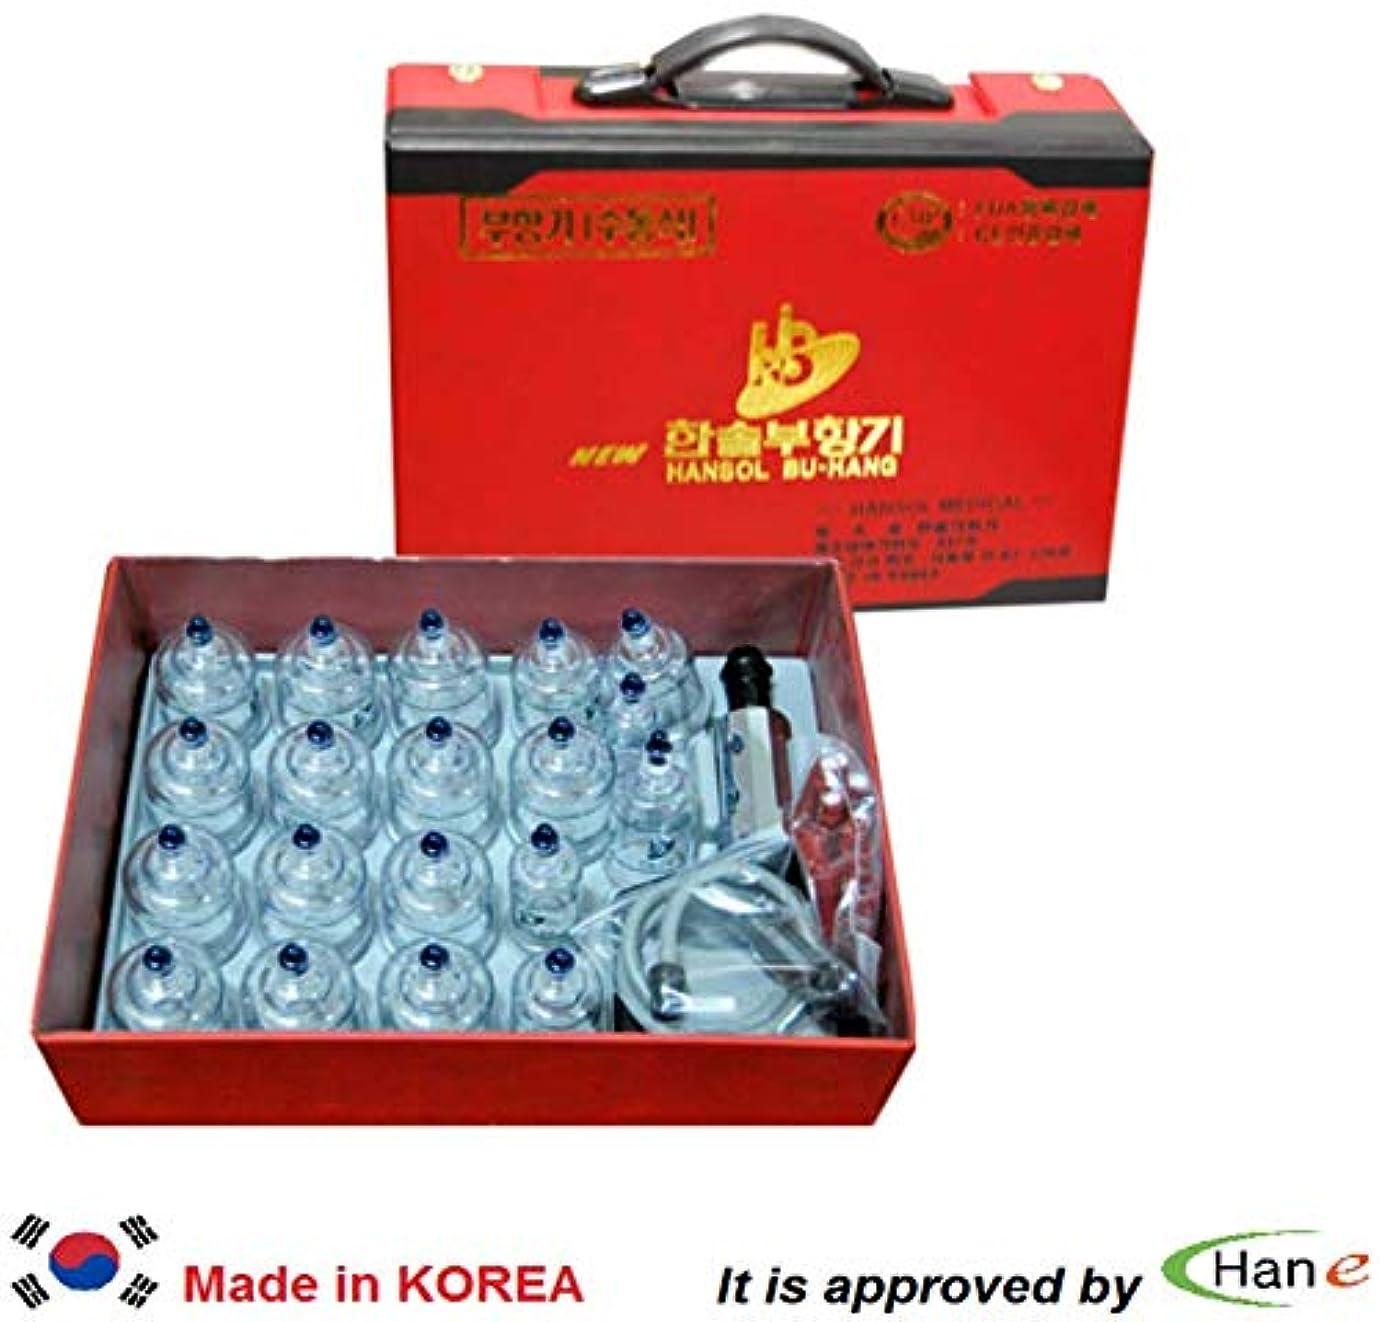 子供達つらいお気に入り韓国カッピングセット19カップハンディケース付属カッピングマッサージ真空吸引